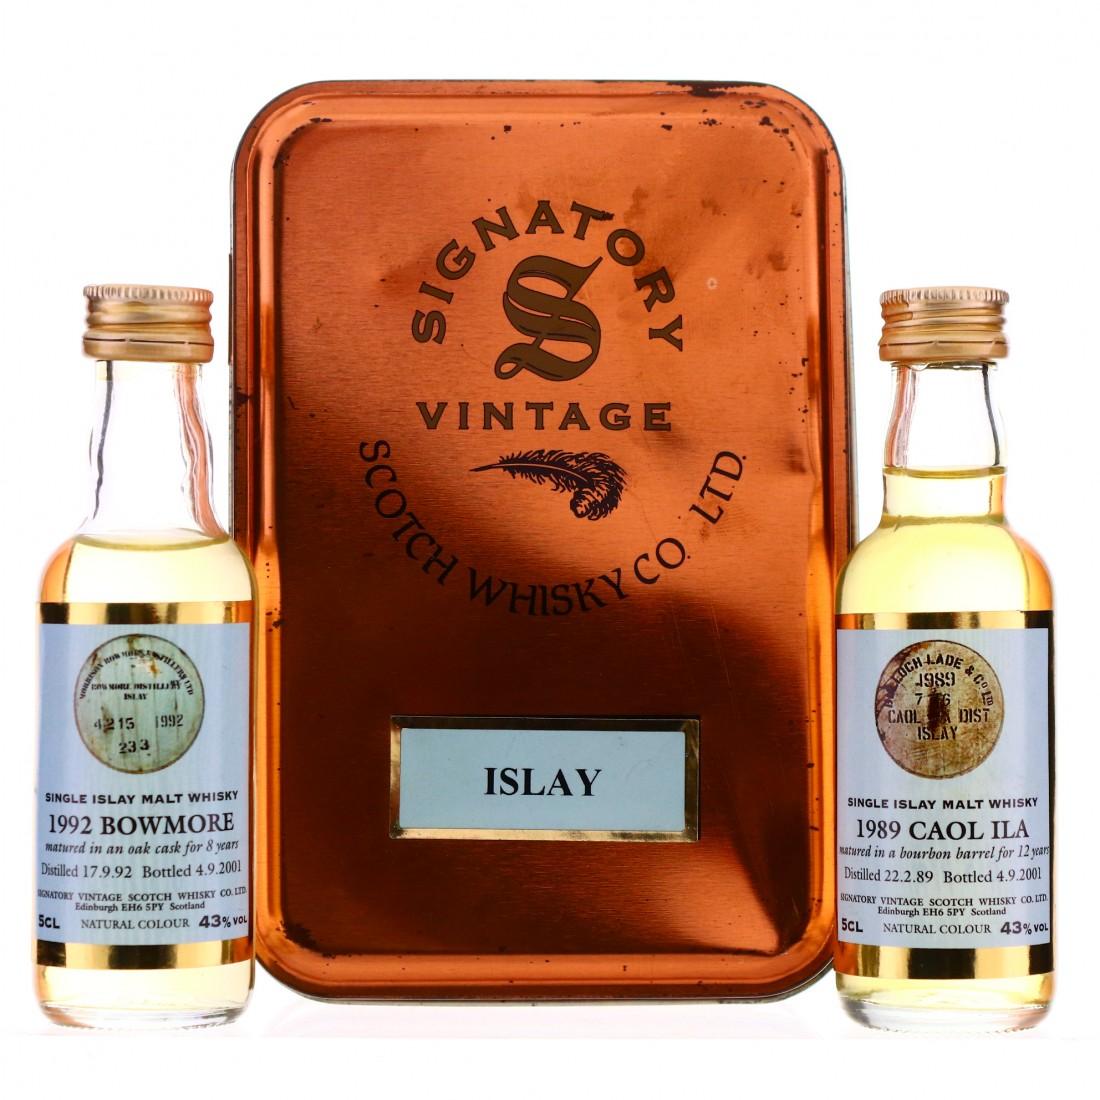 Signatory Vintage Islay Miniature x 2 / Bowmore and Caol Ila